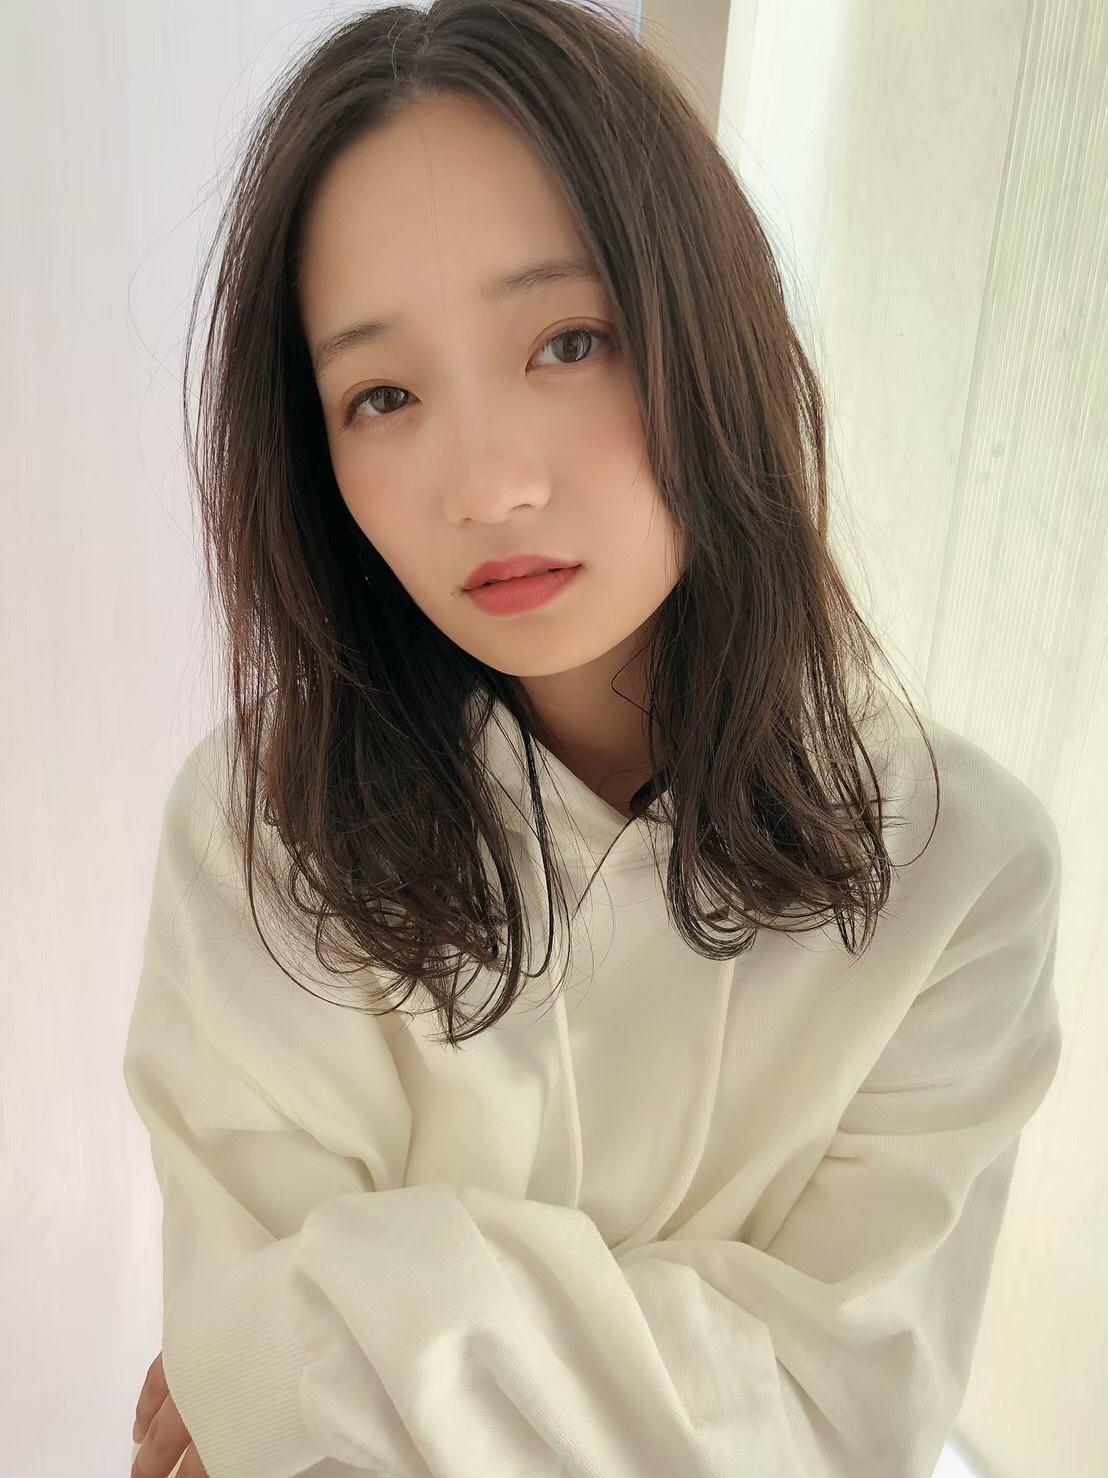 女子アナ風ラフセミディ【シナモンブランジュ】U-267